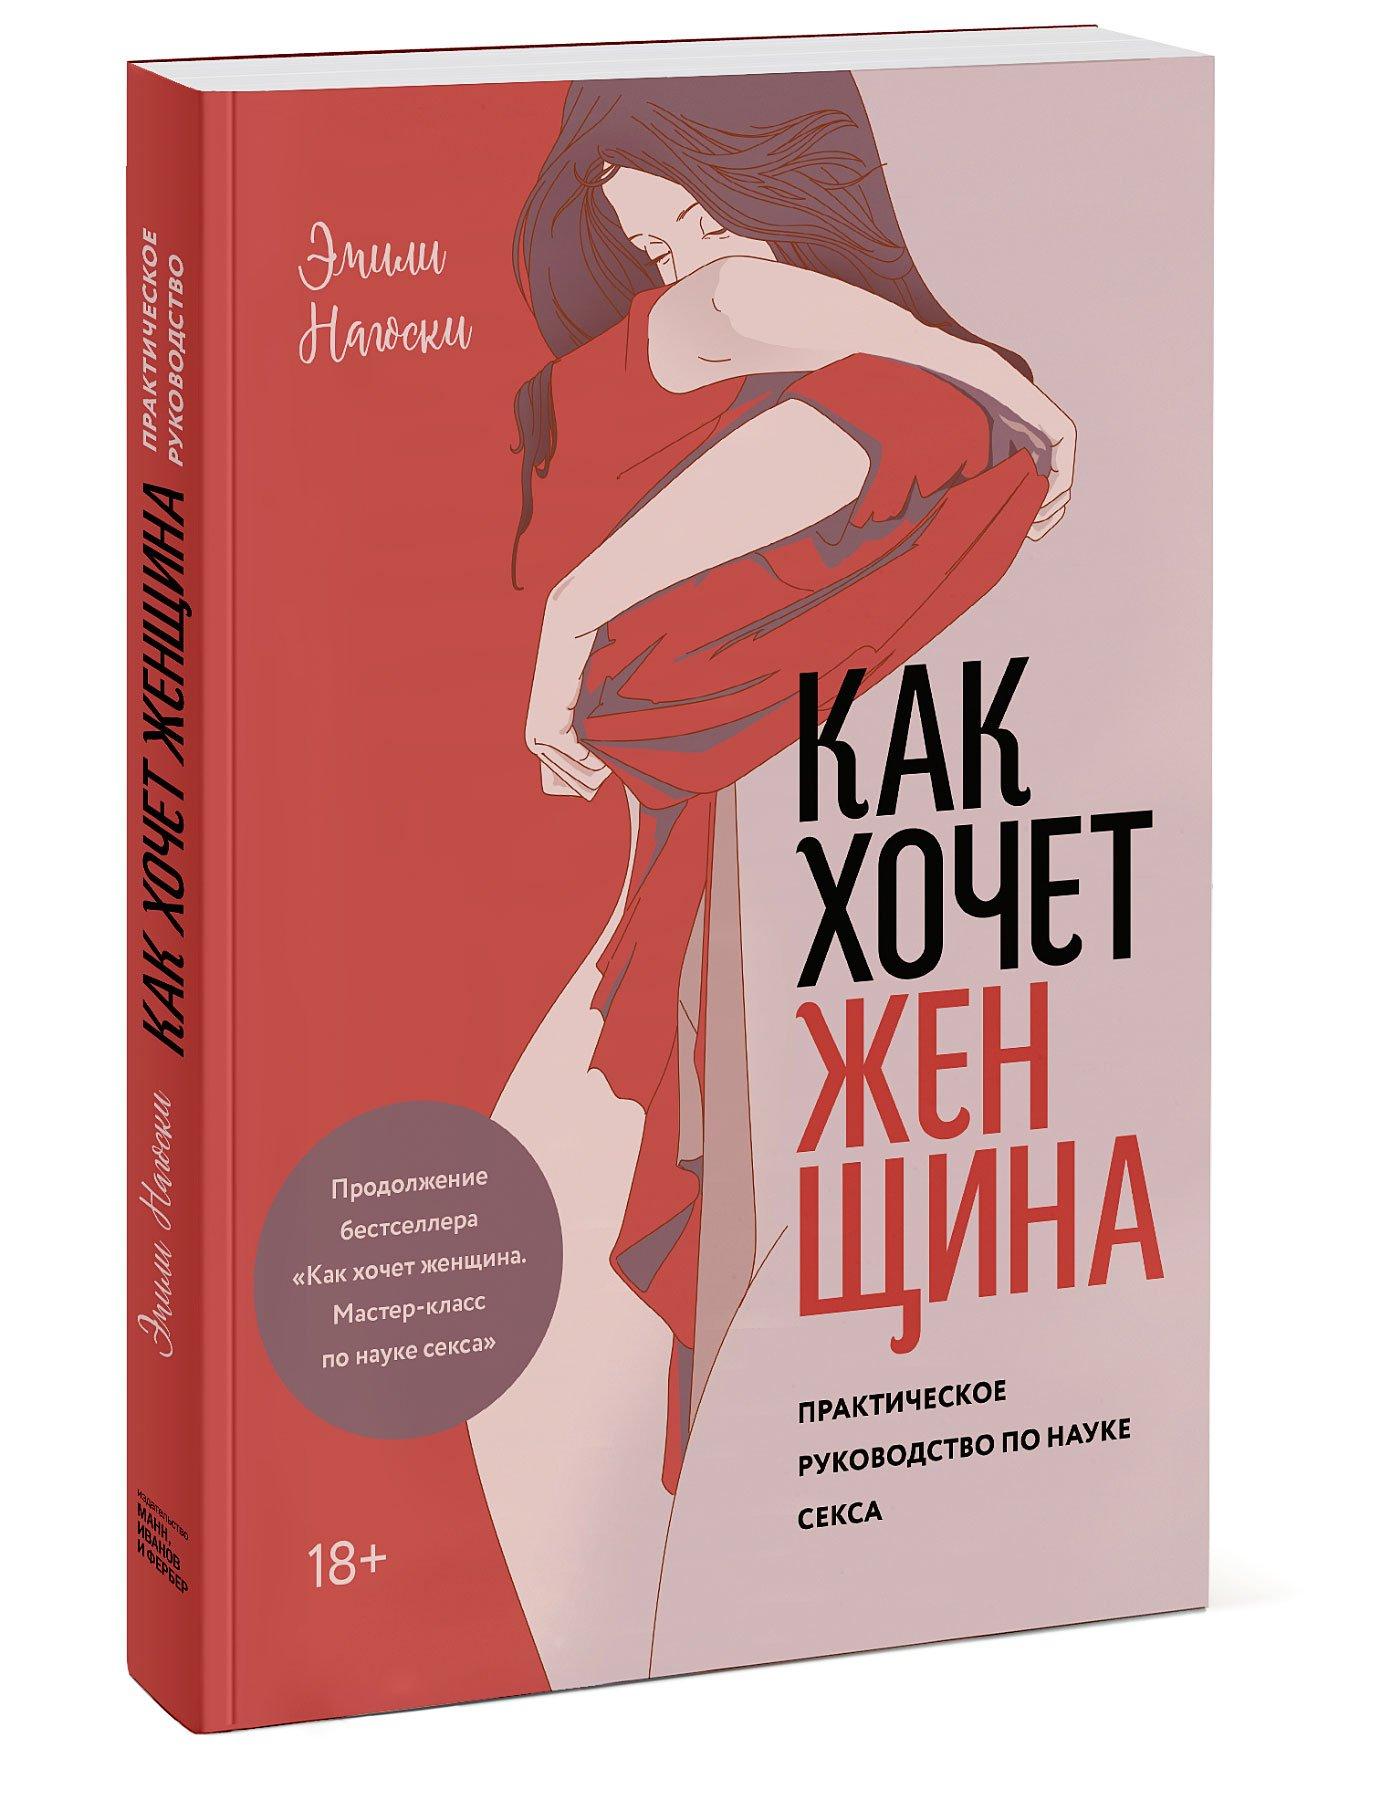 Zakazat.ru: Как хочет женщина. Практическое руководство по науке секса. Эмили Нагоски